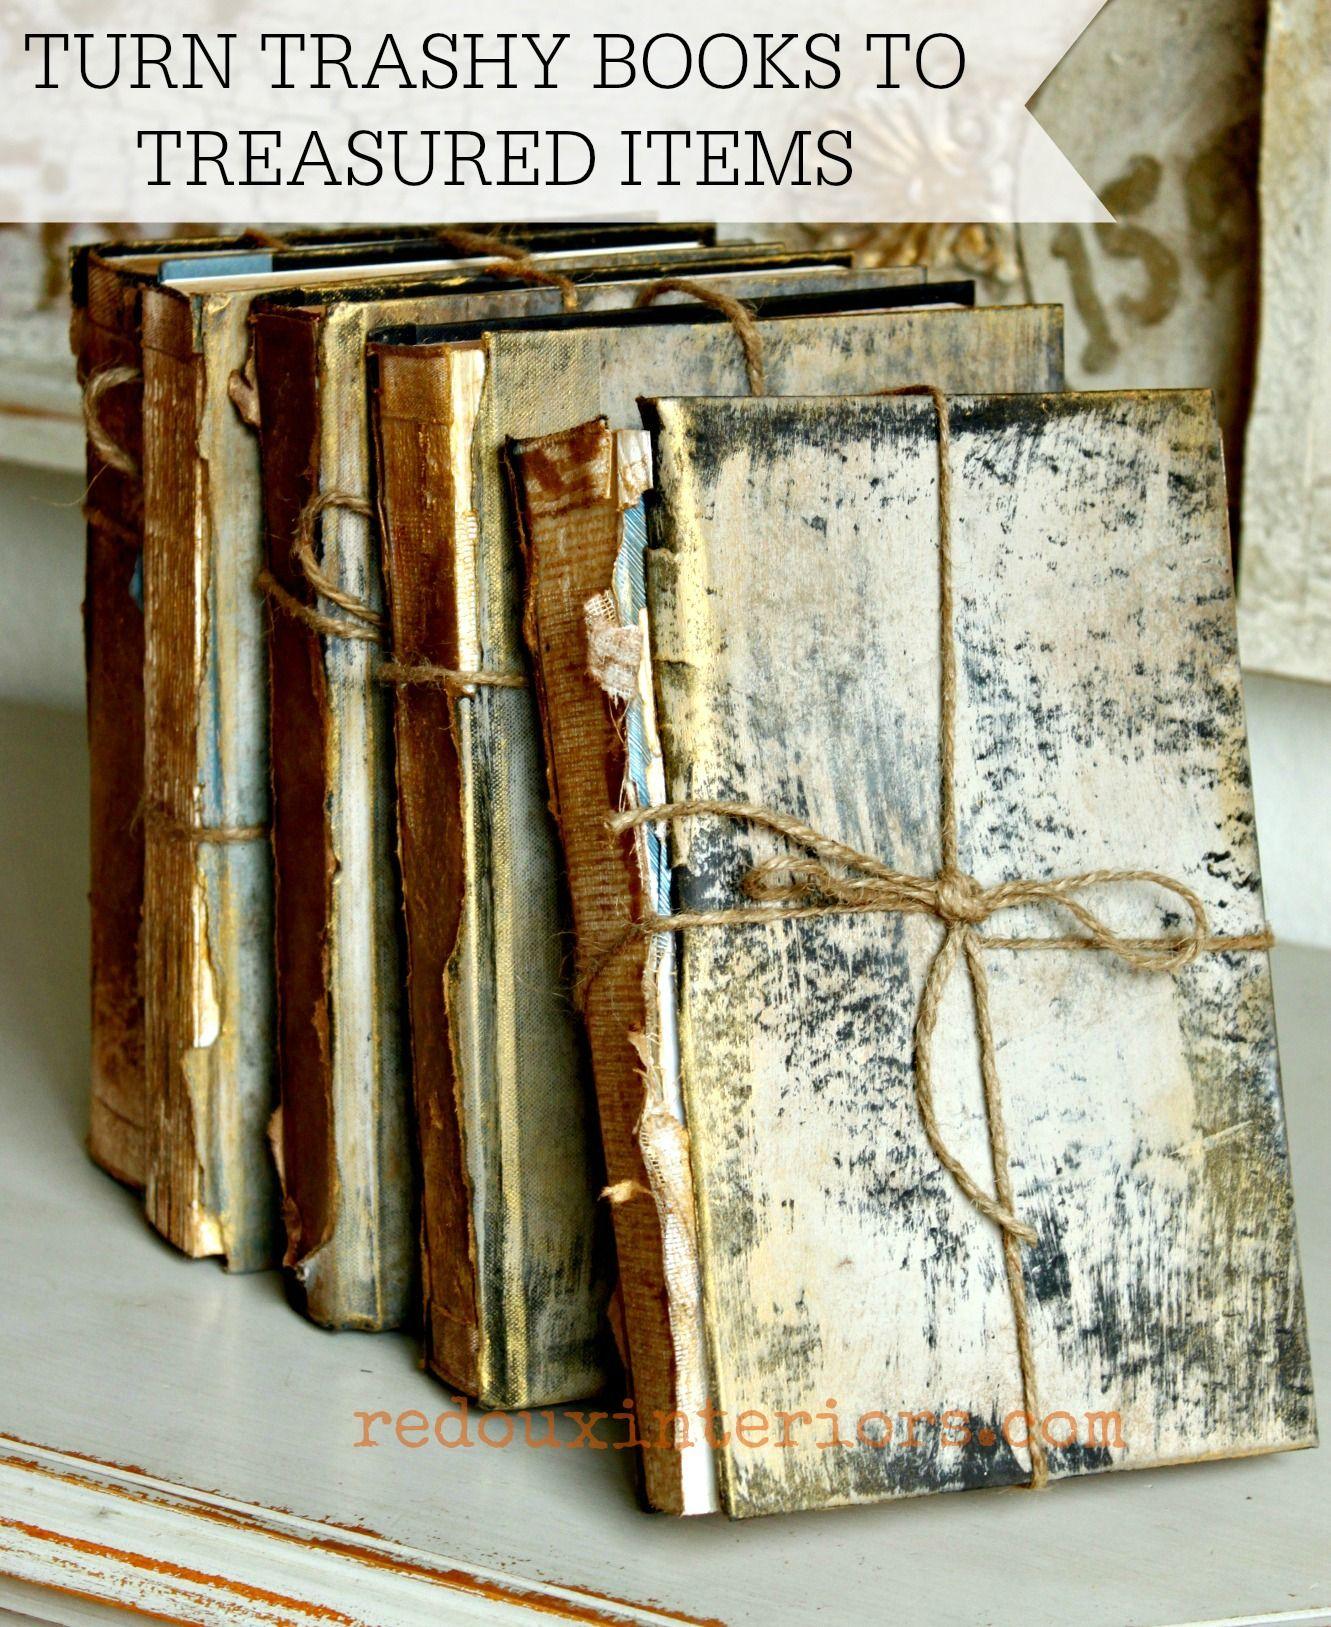 Info's : How to antique books redouxinteriors